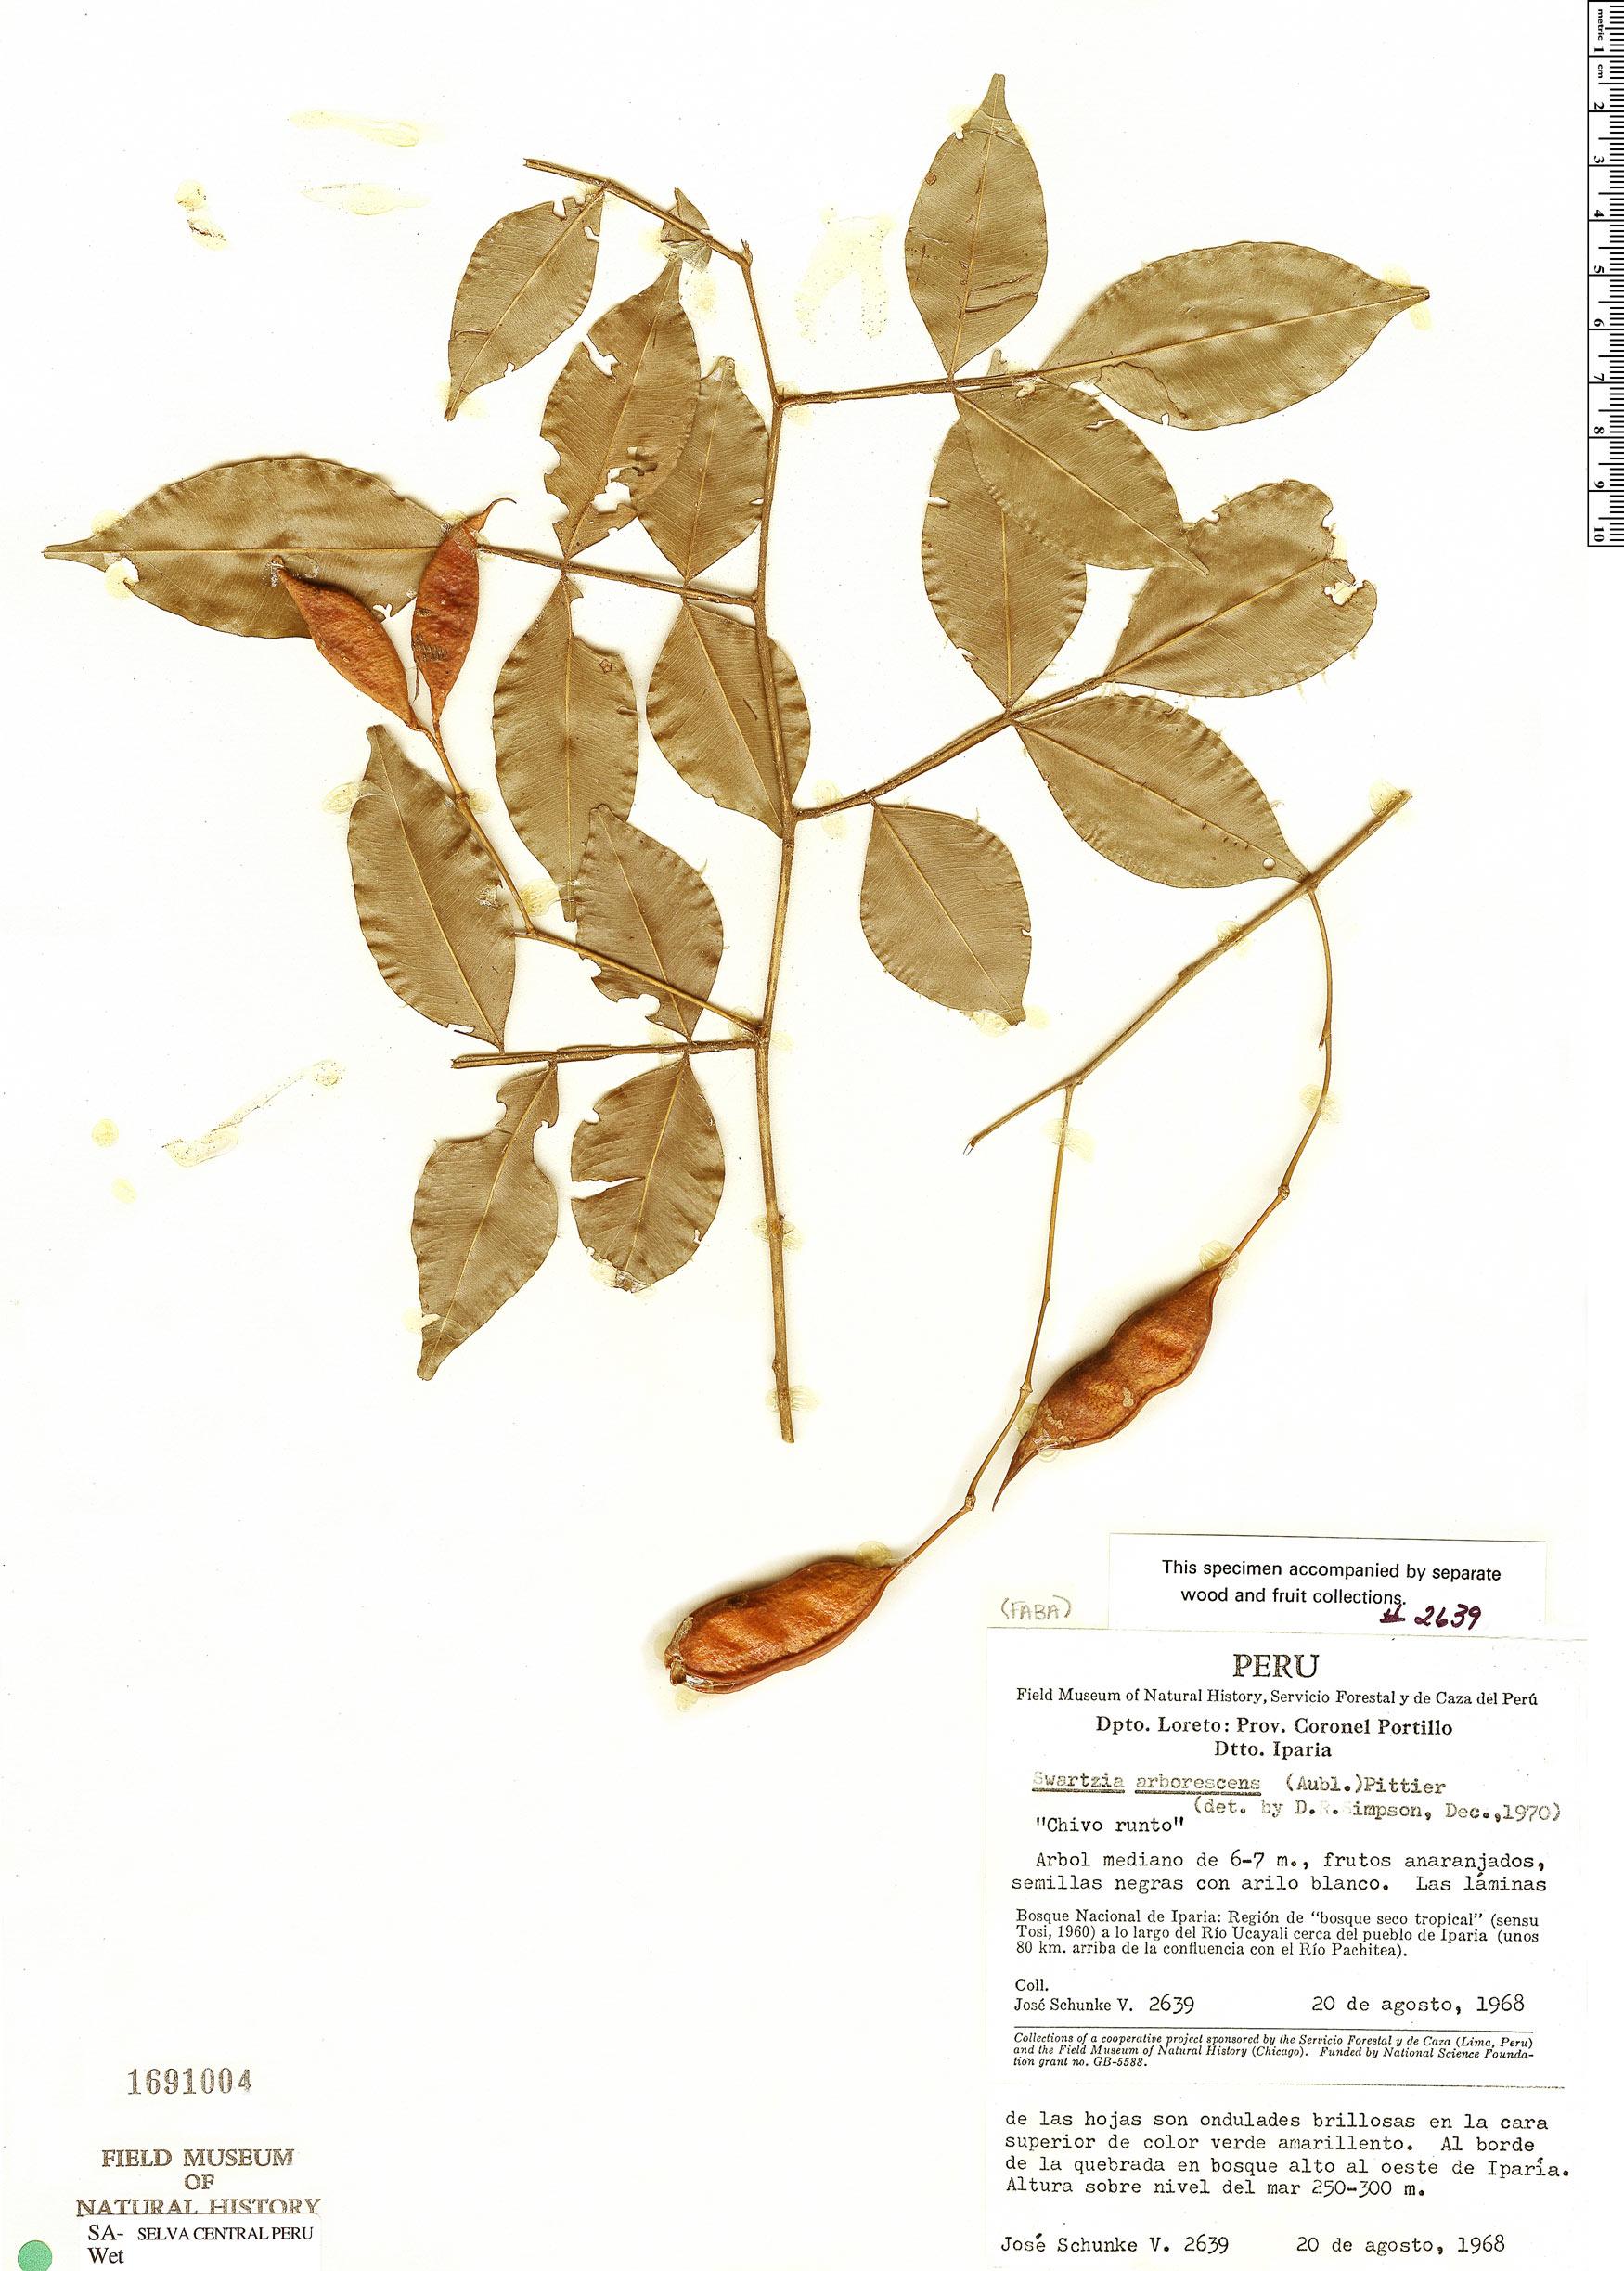 Specimen: Swartzia arborescens